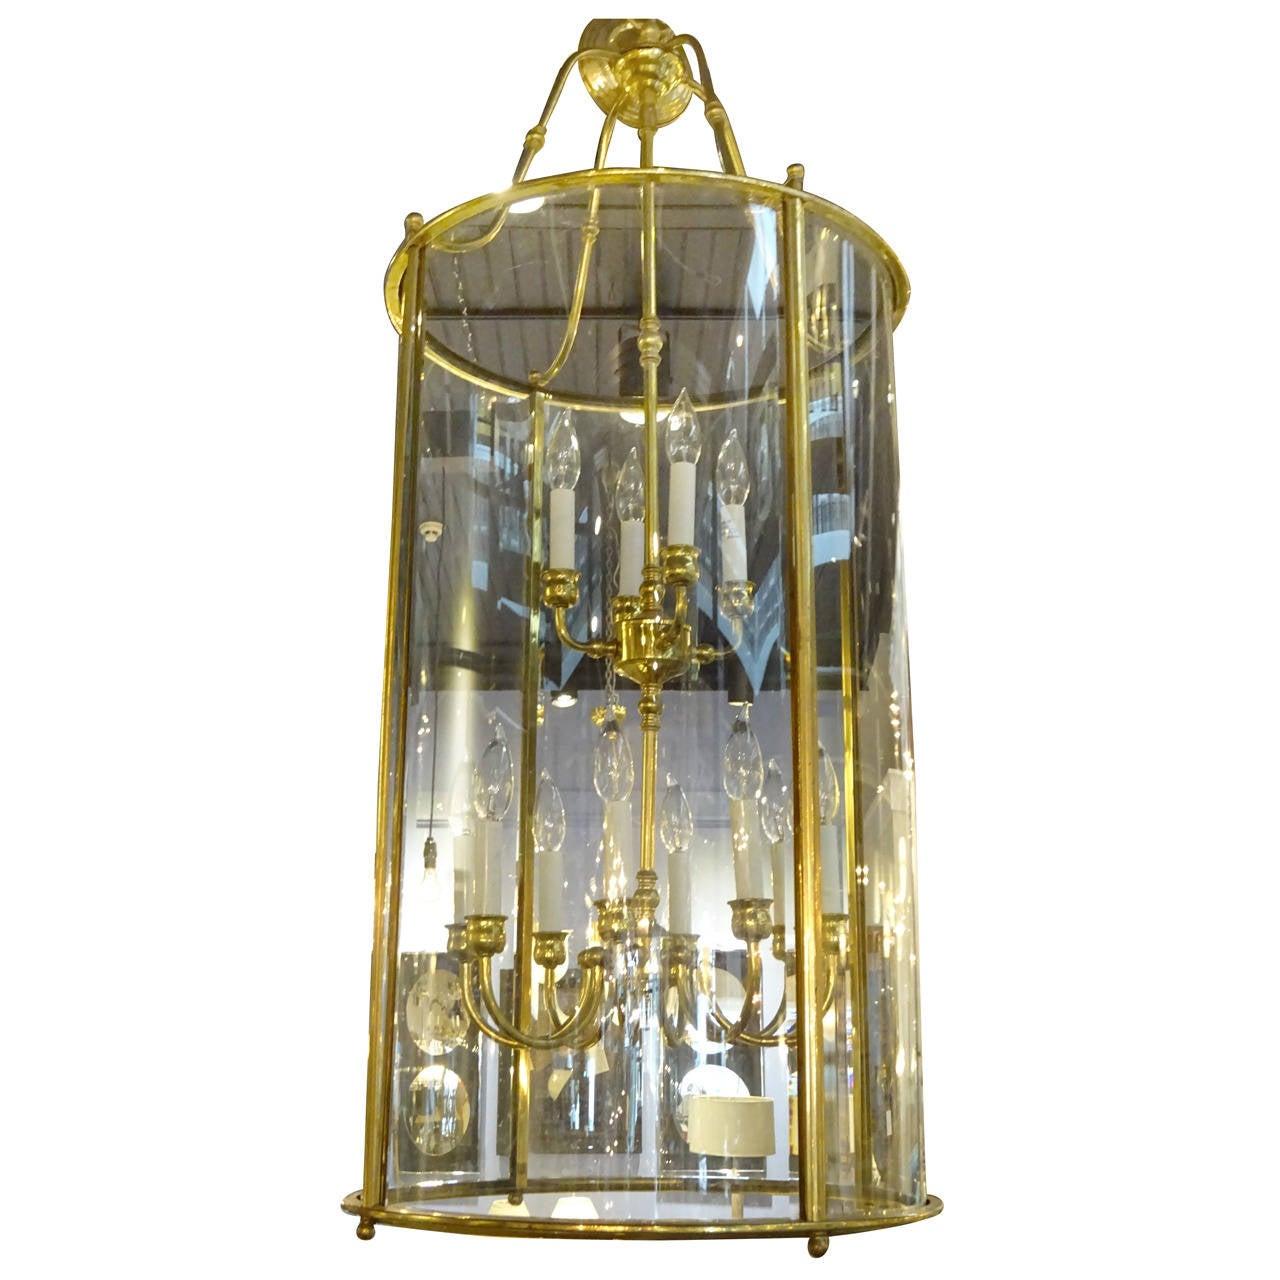 Large Vintage Brass Double Hanging Lantern At 1stdibs